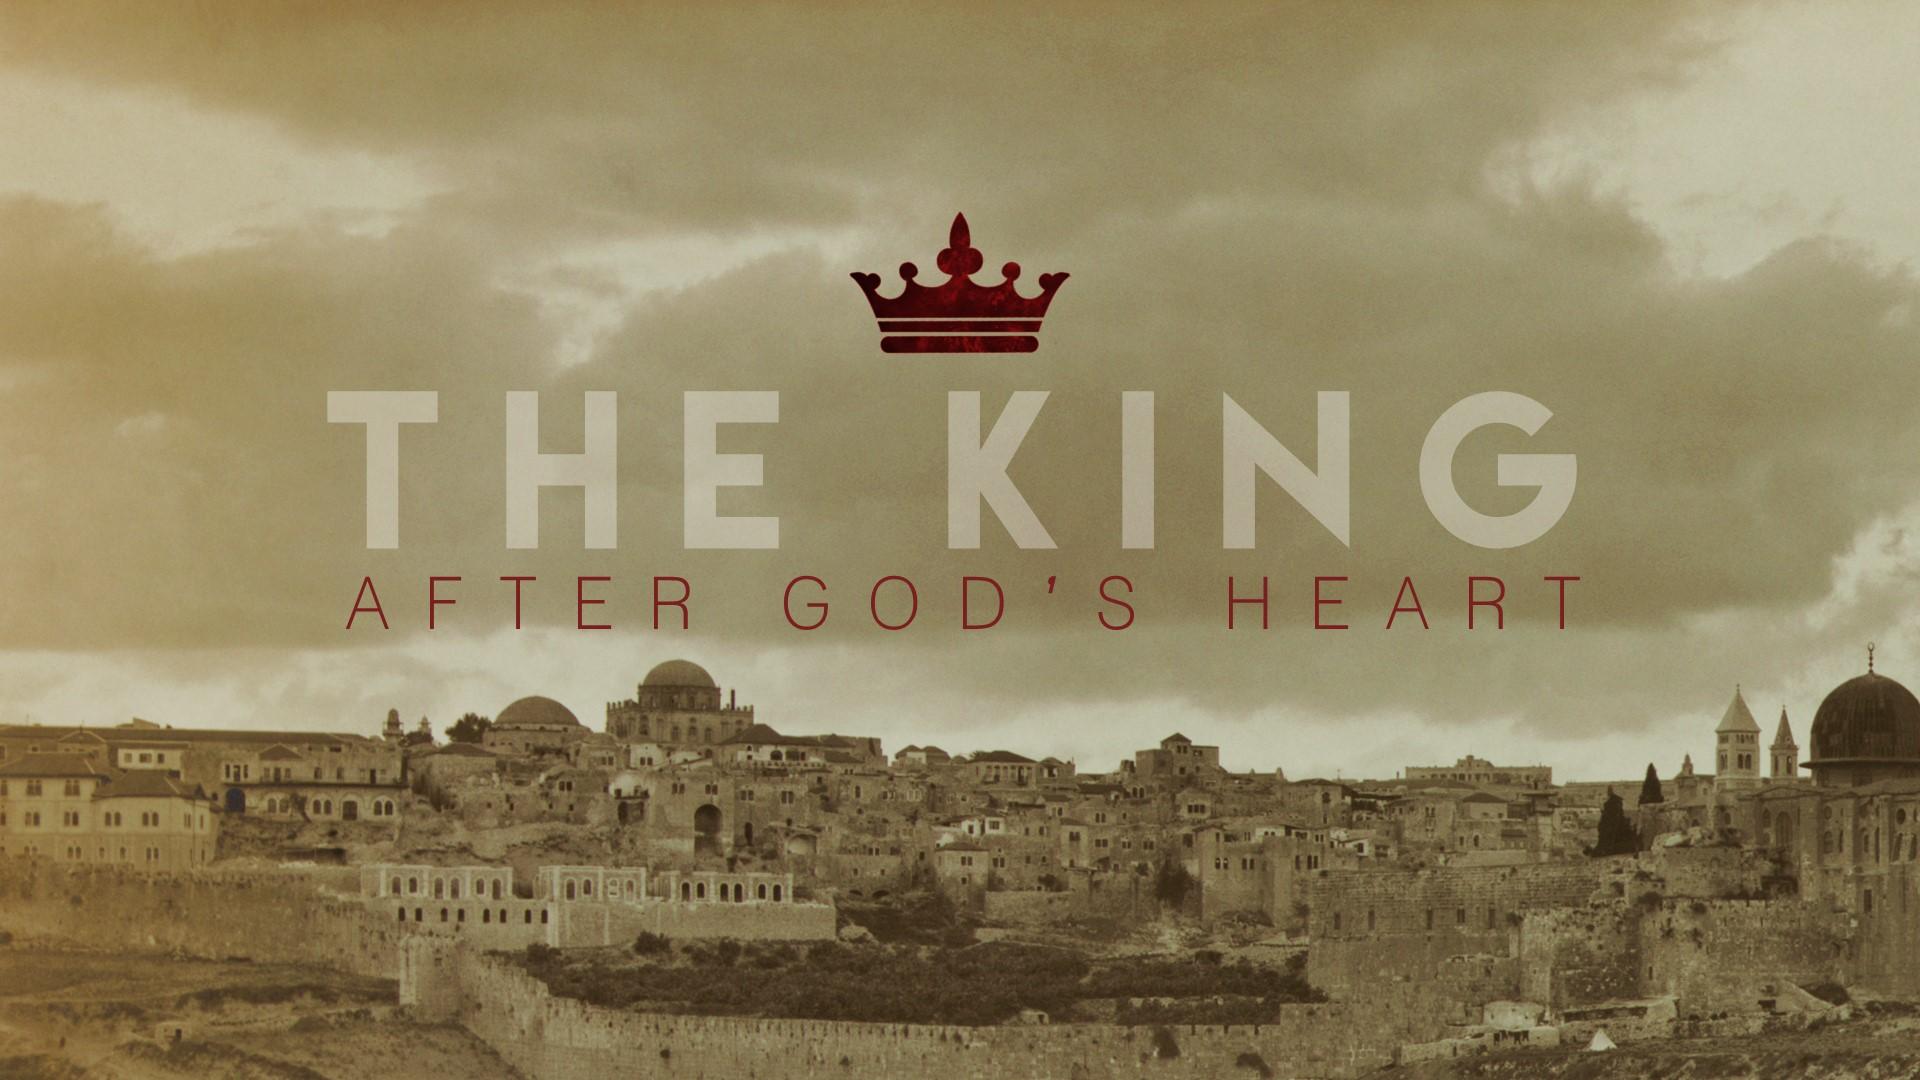 2015-9-10 King revised 3.jpg